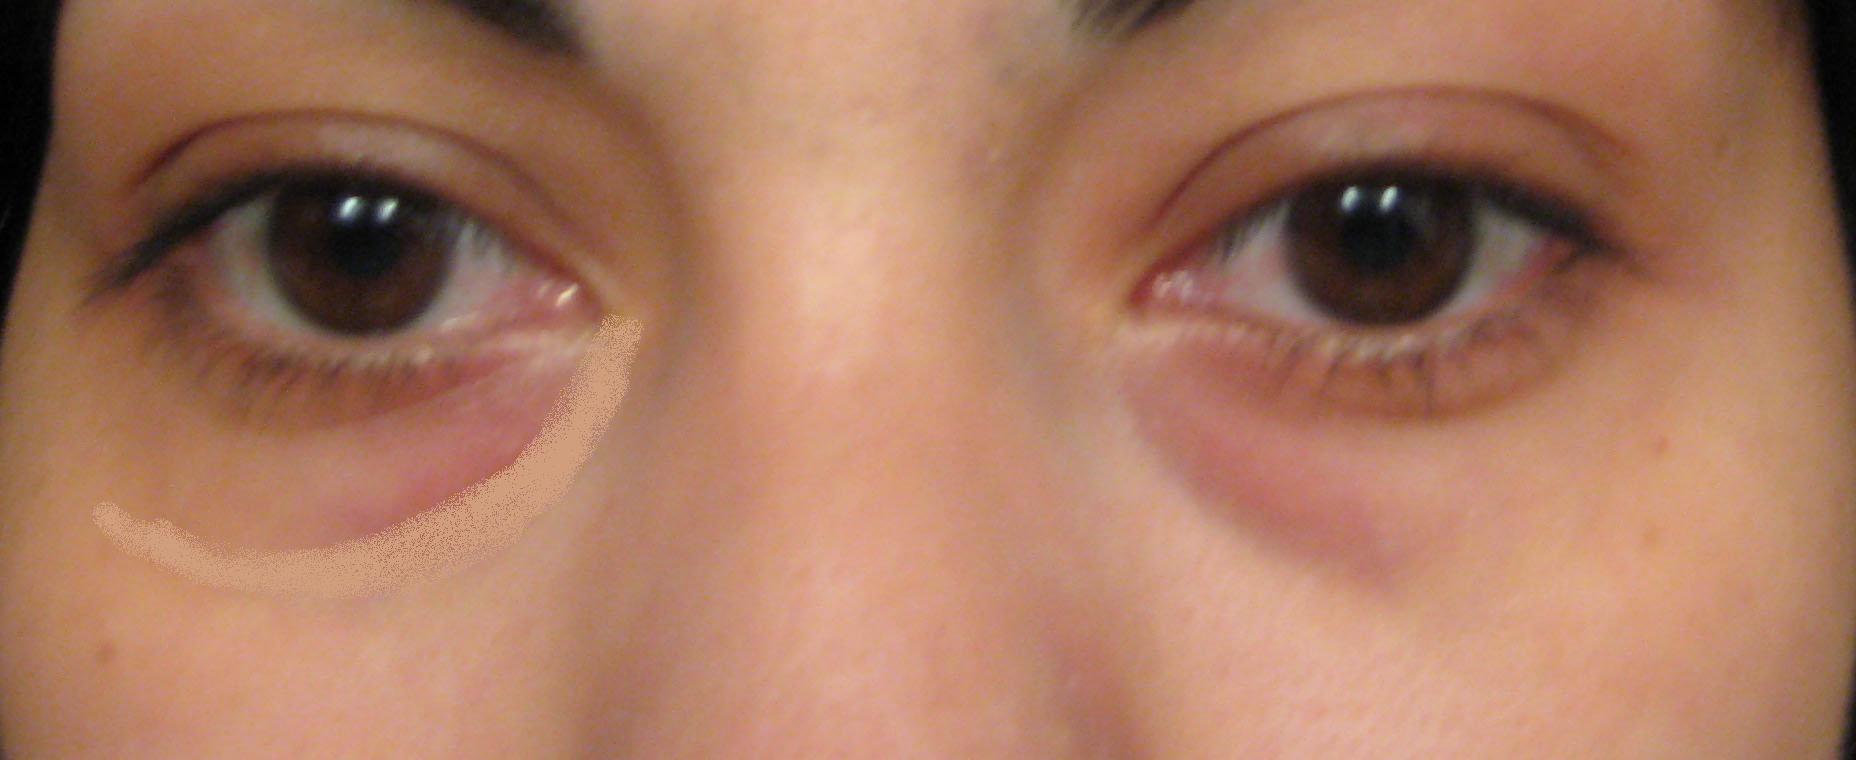 Under-eye Concealer   Uptown Girl of Facade Beauty